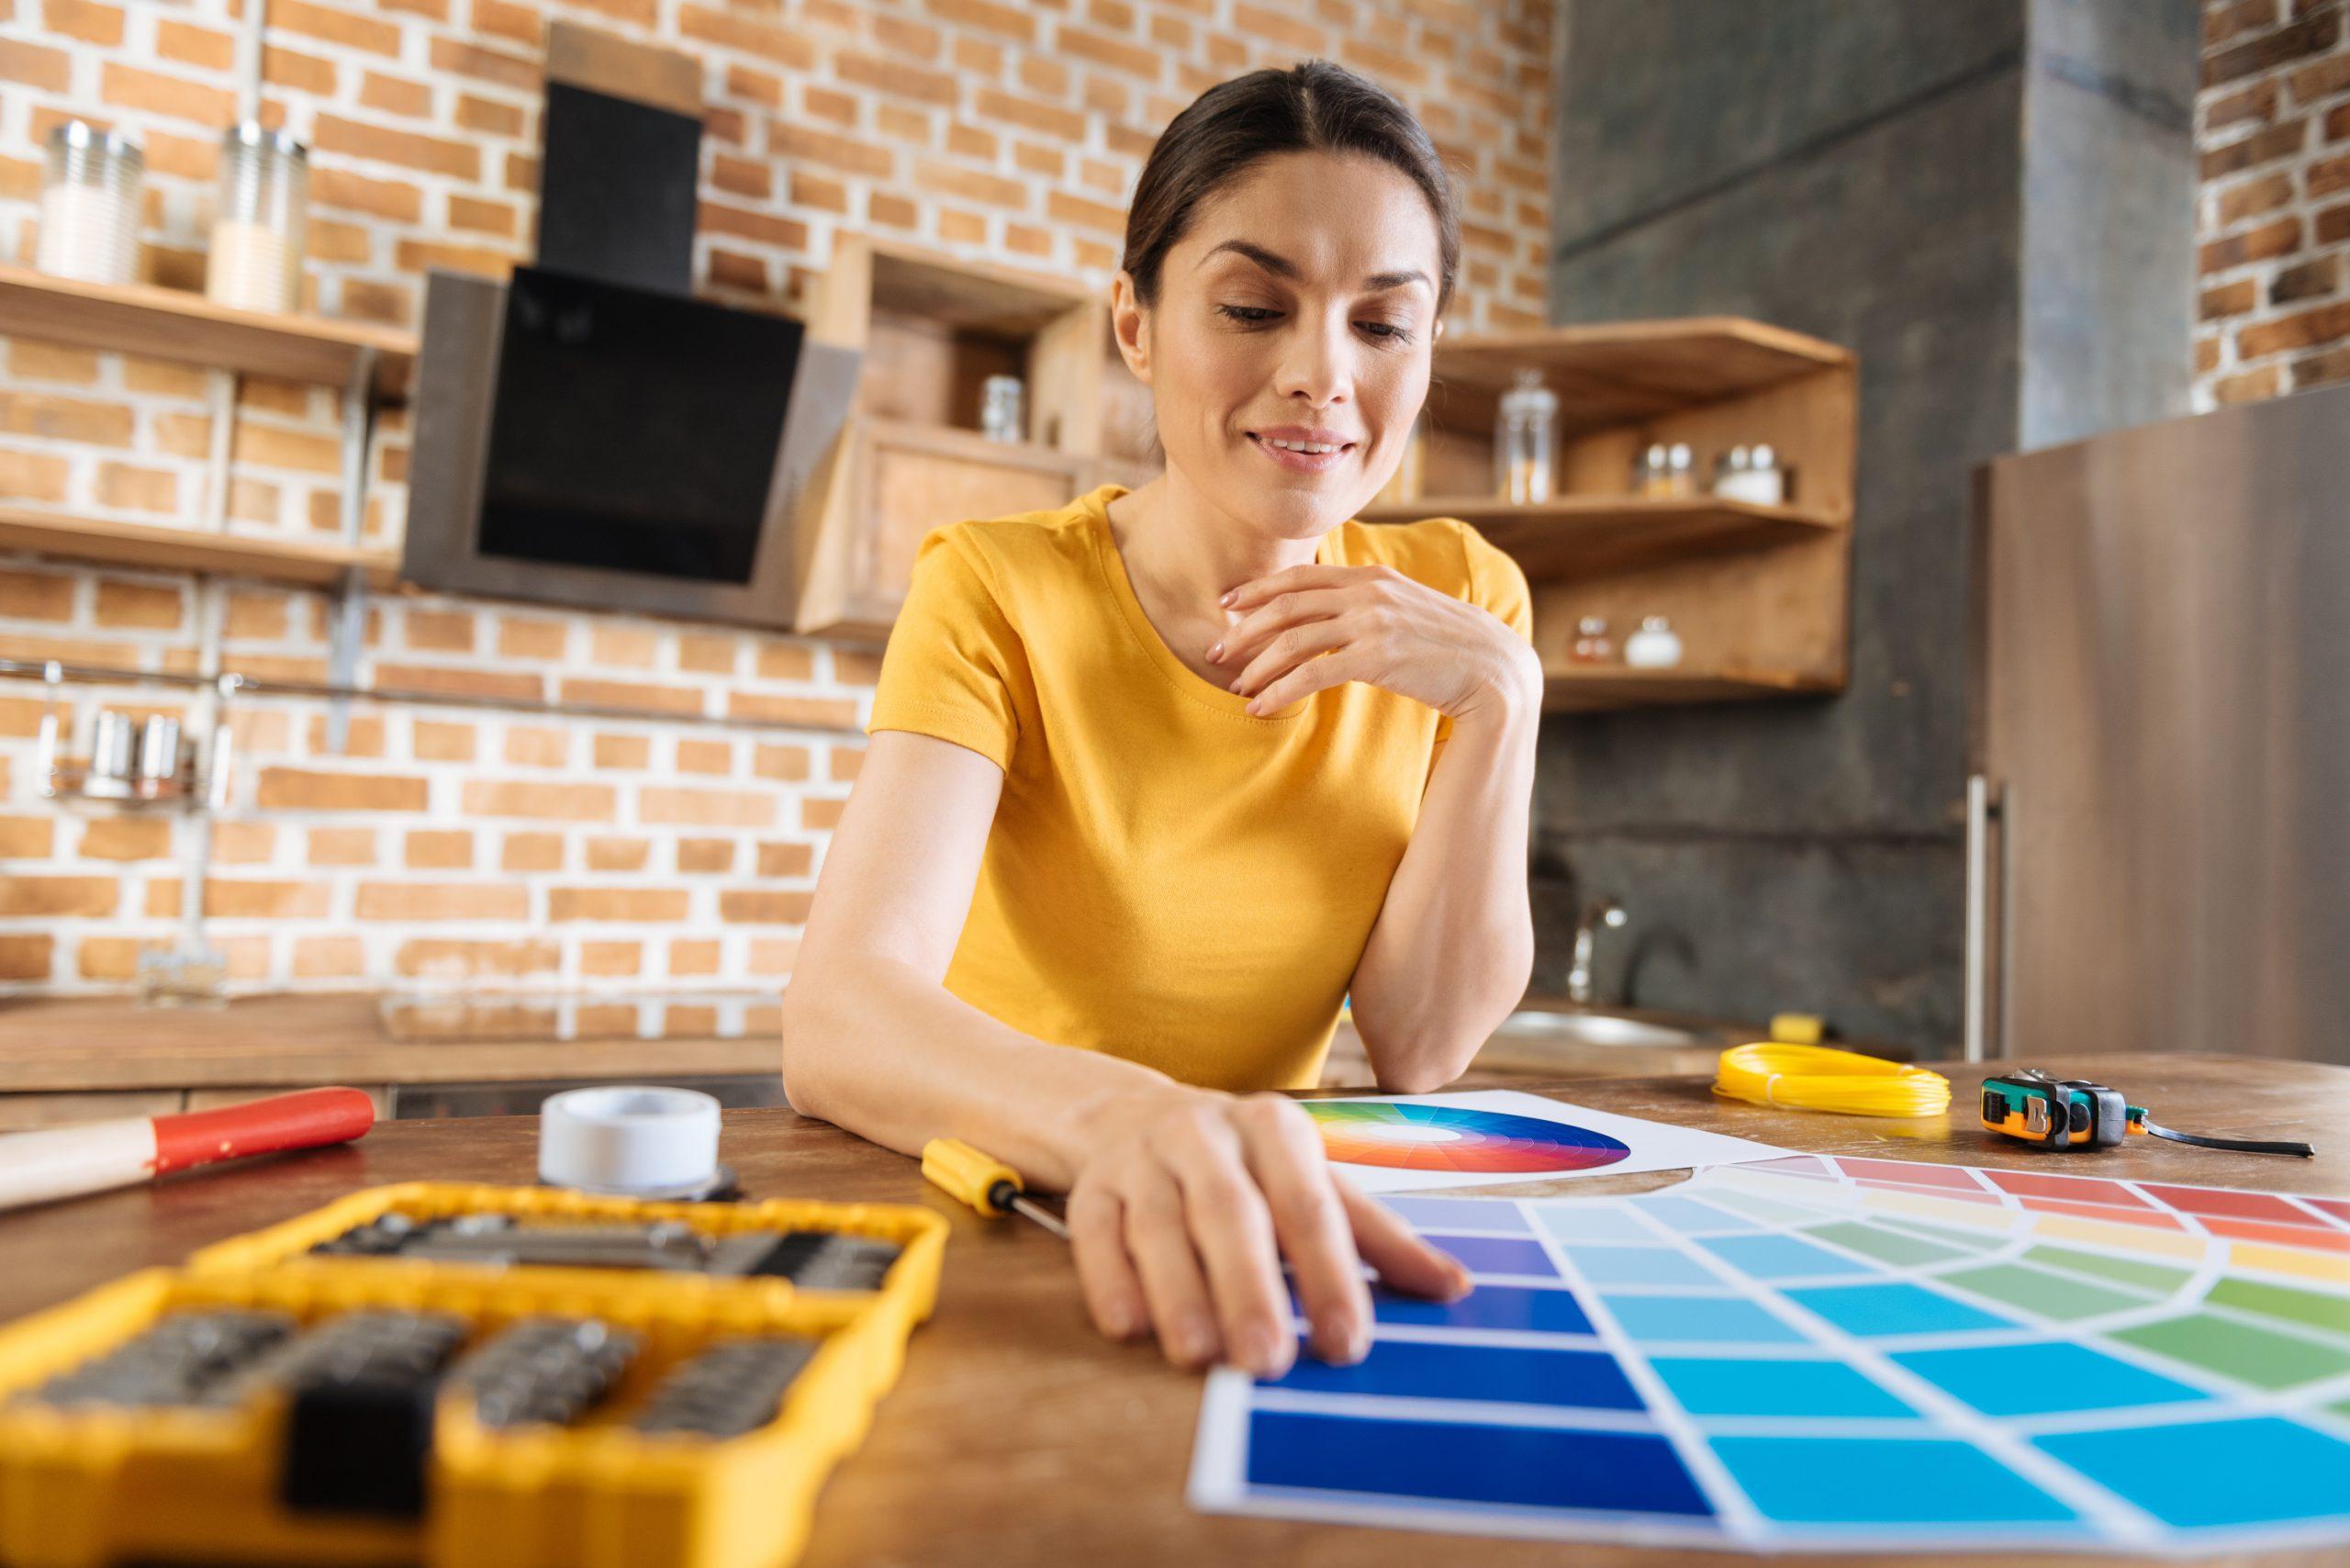 Chystáte sa prerábať byt či dom? Tieto dobré rady musíte poznať